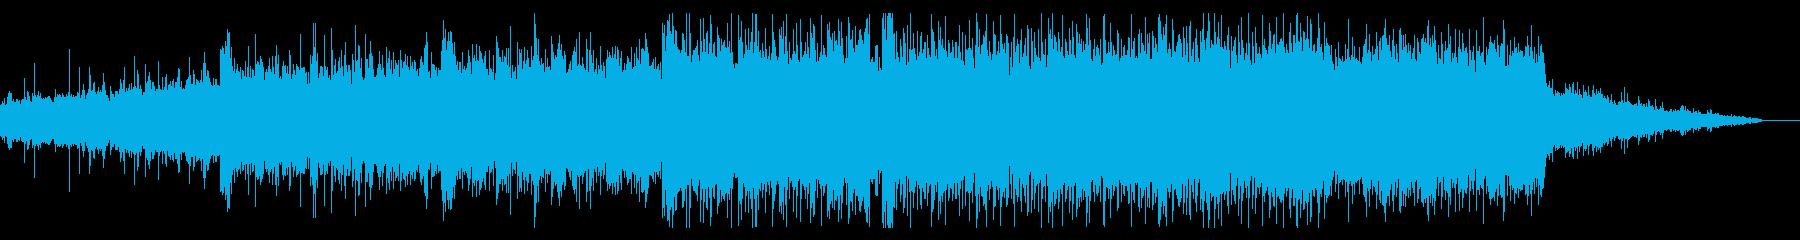 壮大なシンセティックBGMの再生済みの波形